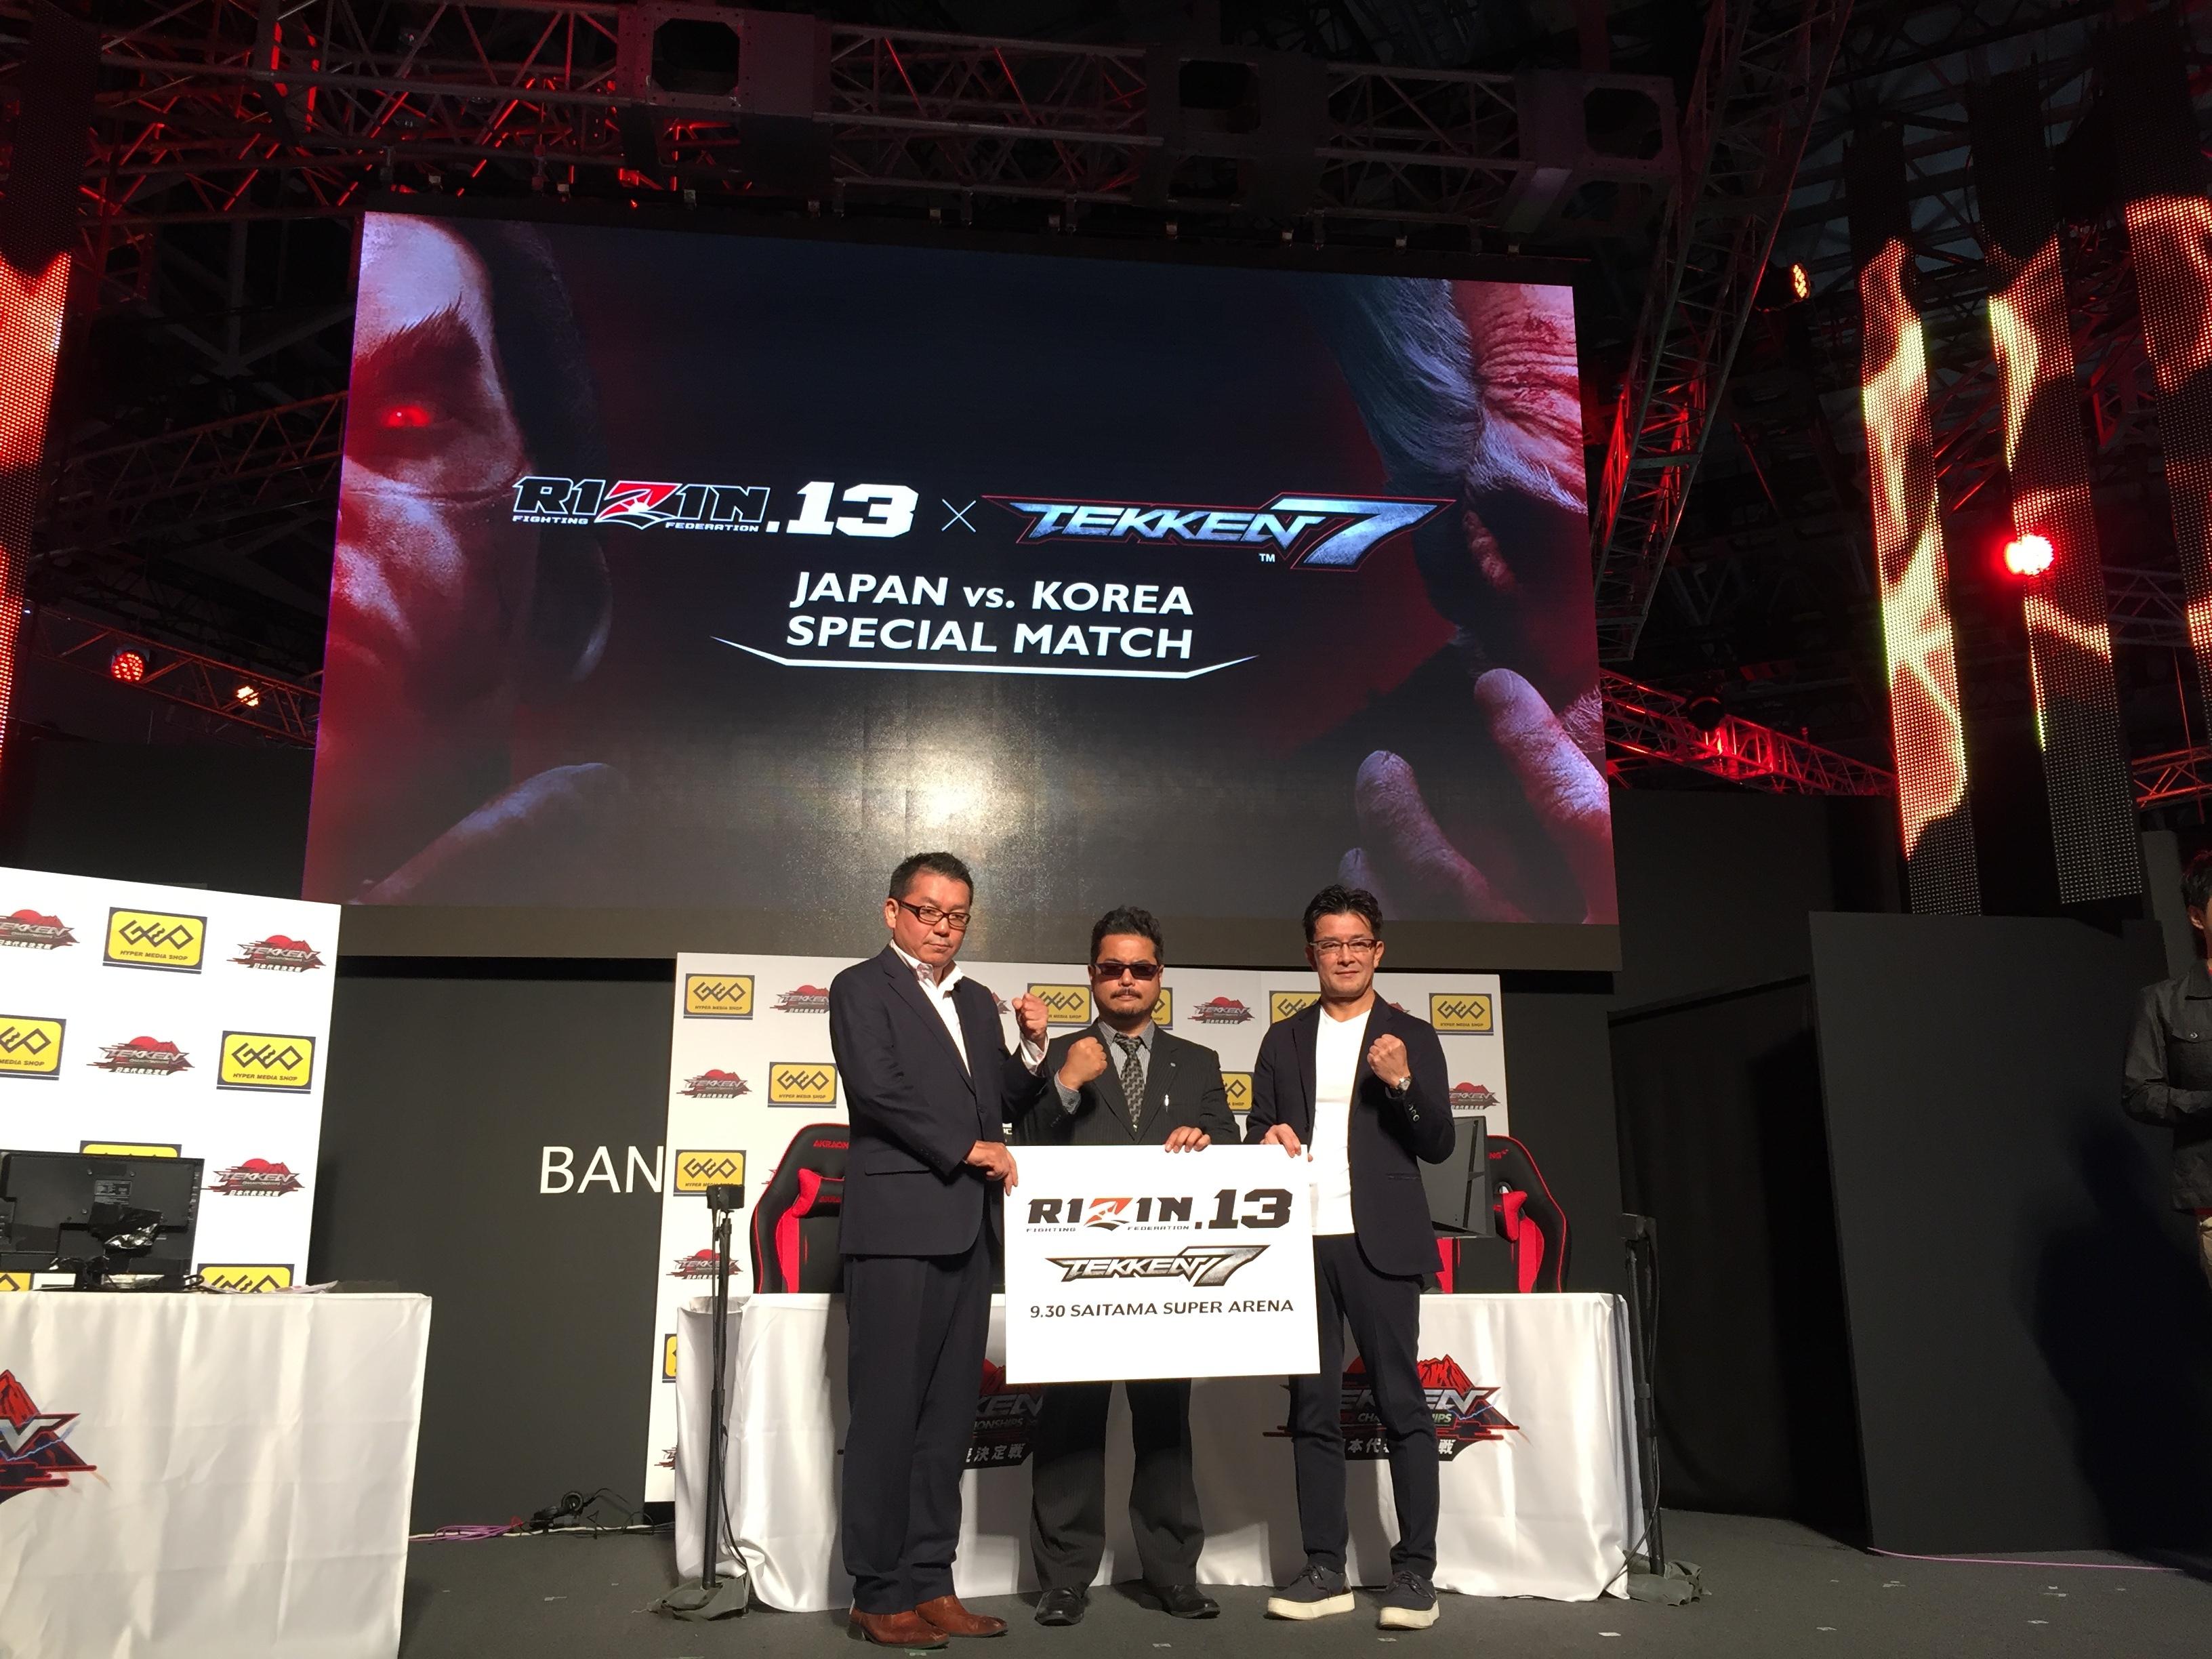 対戦格闘ゲーム『鉄拳7』の日韓スペシャルマッチを開催